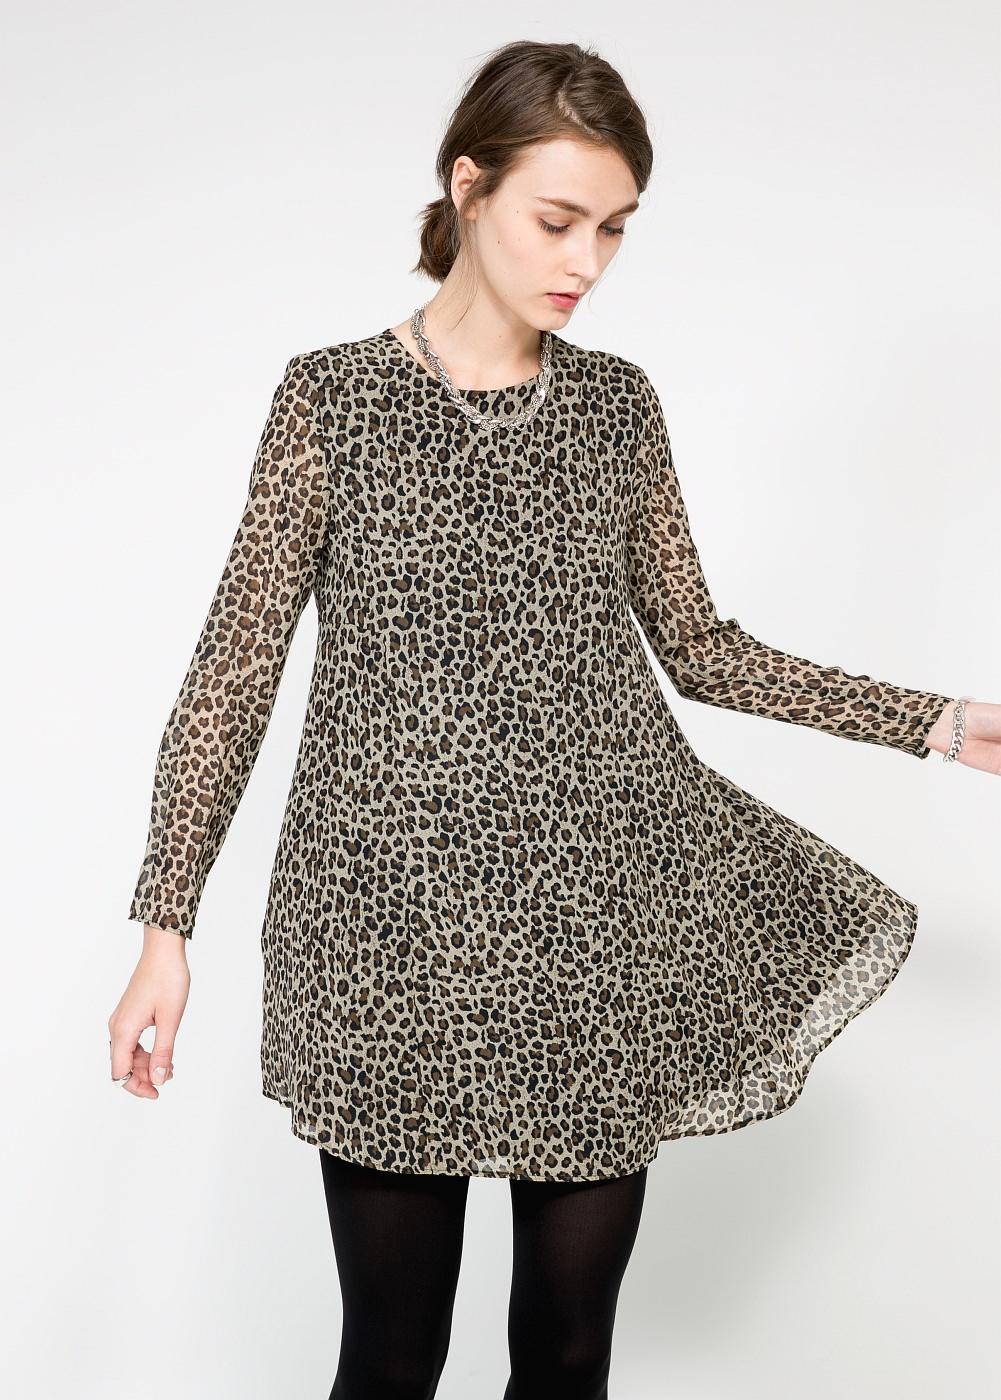 Mango Leopard Print Dress   Leopard Print Fall 2014